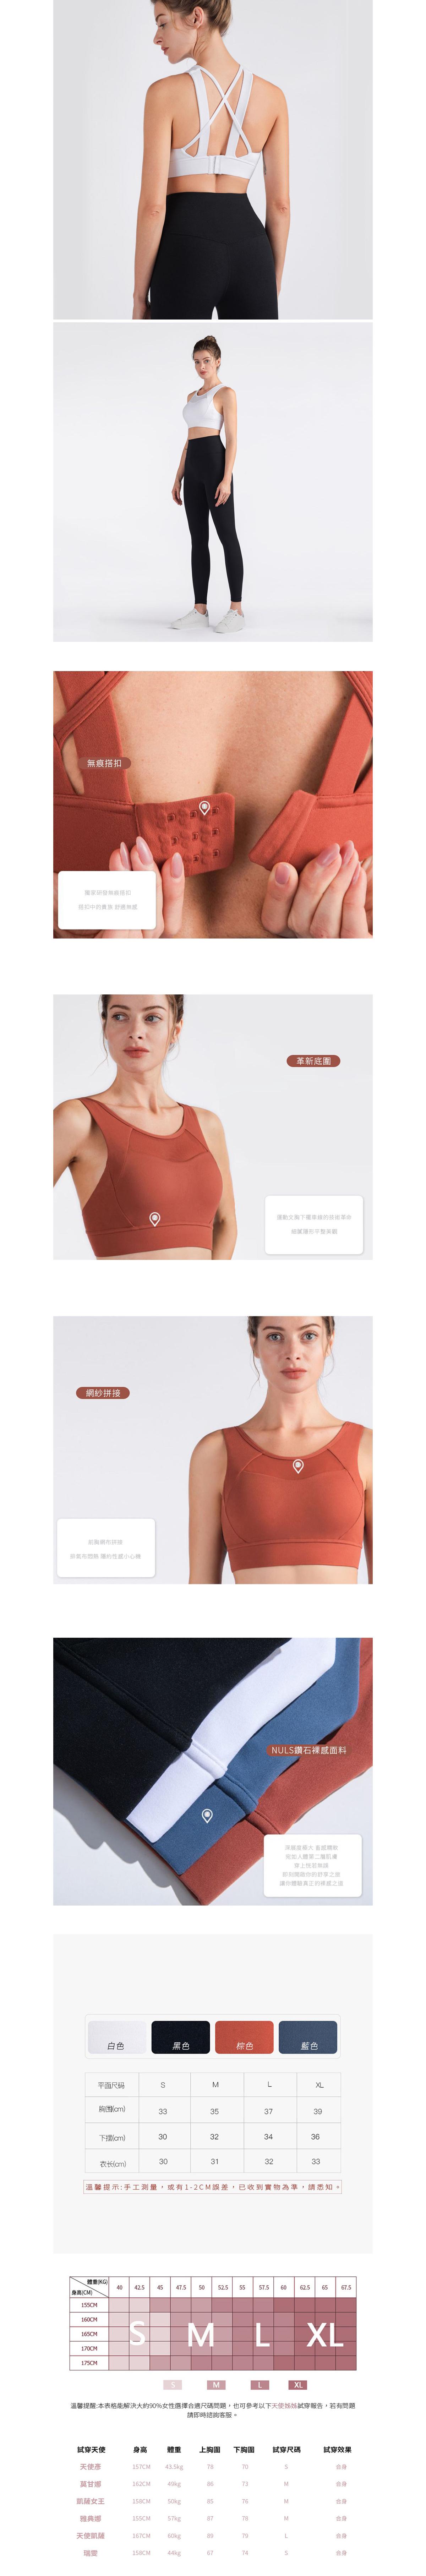 網紗拼接高領中強度運動內衣